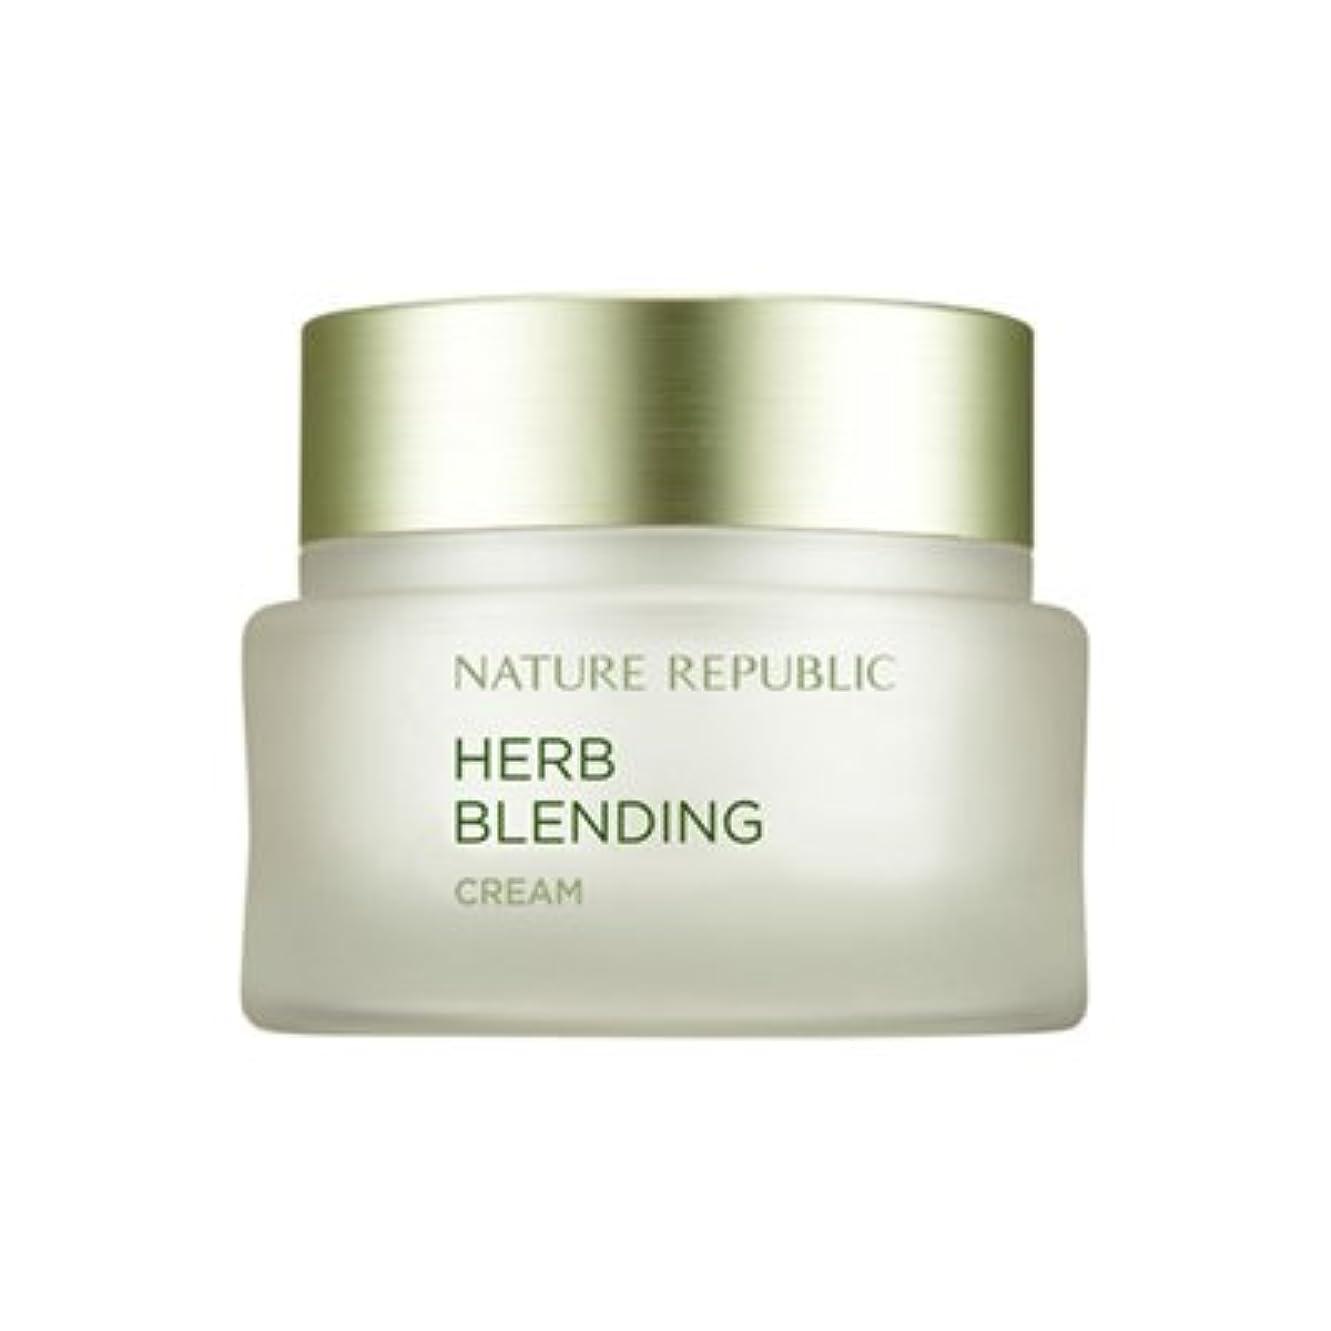 サイクロプス担当者報酬NATURE REPUBLIC Herb Blending Cream ネイチャーリパブリック ハーブブレンドクリーム [並行輸入品]